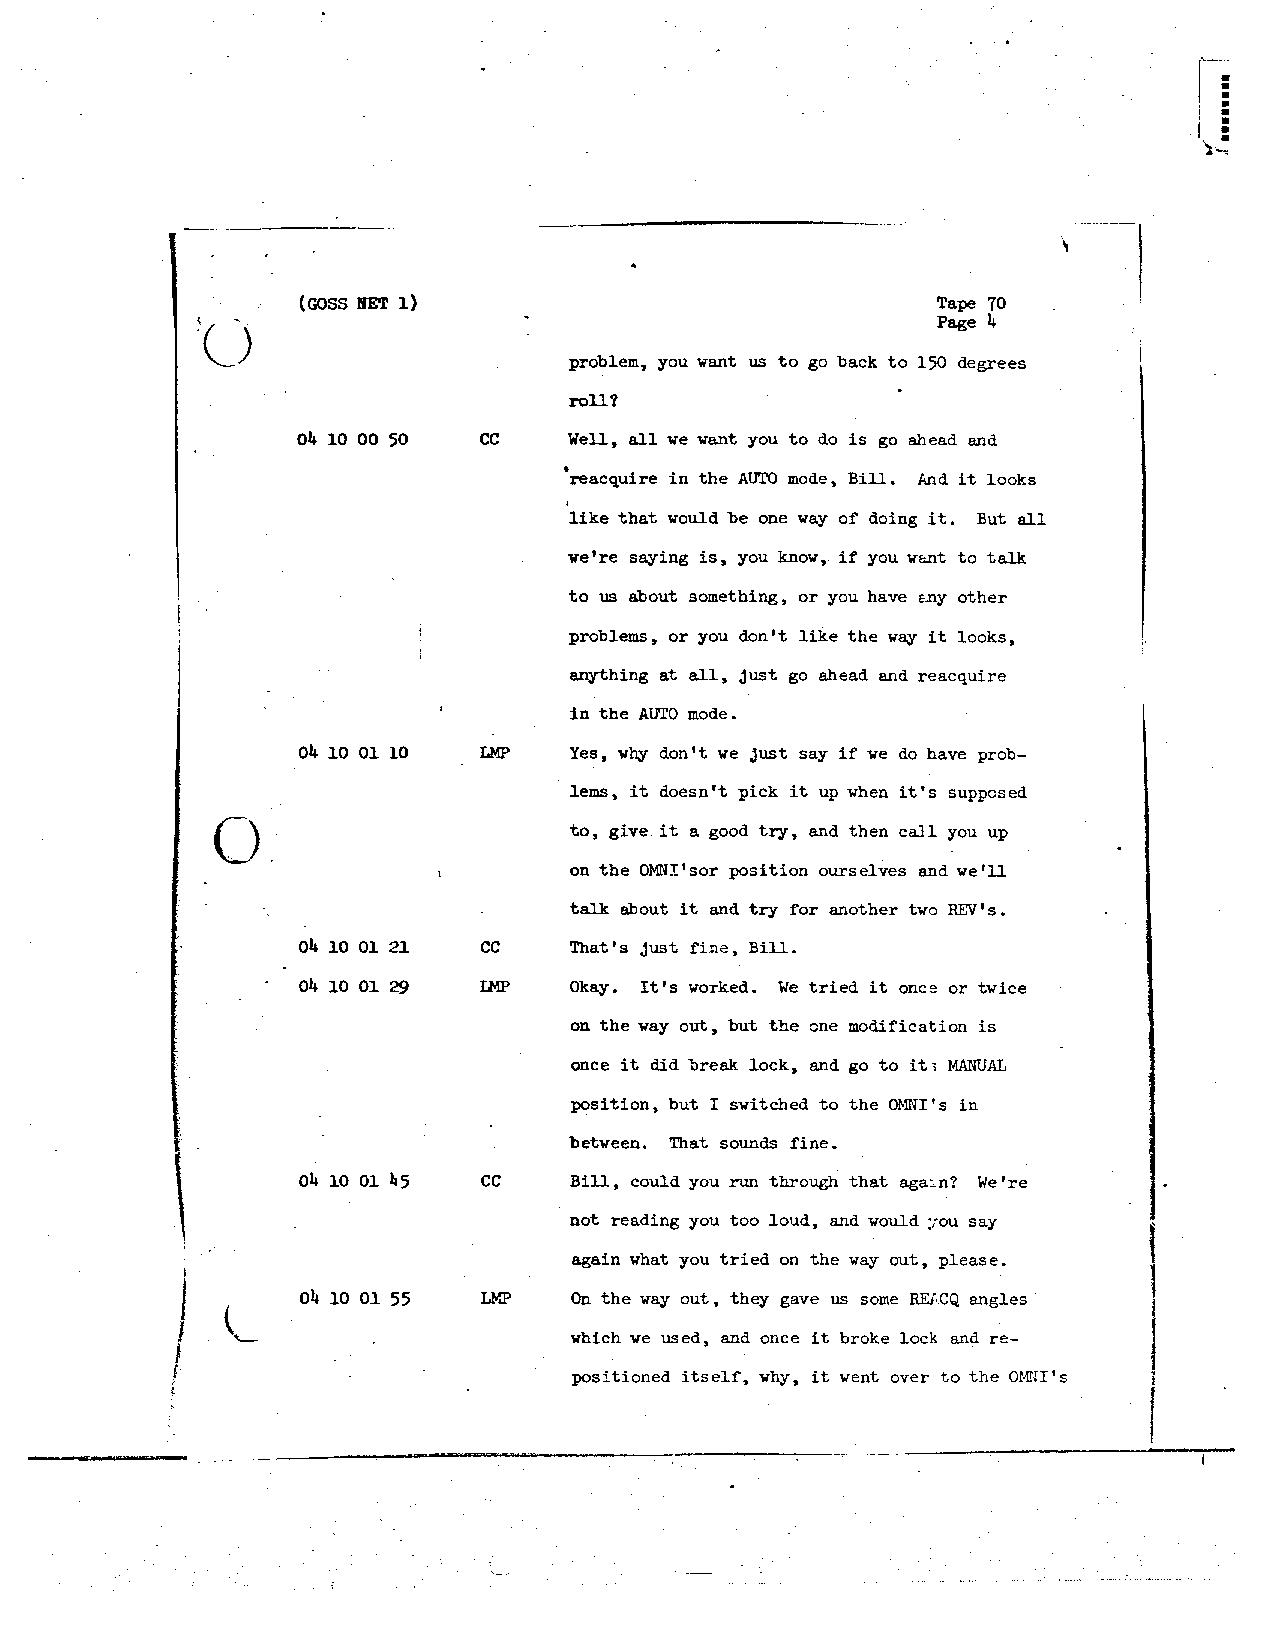 Page 562 of Apollo 8's original transcript